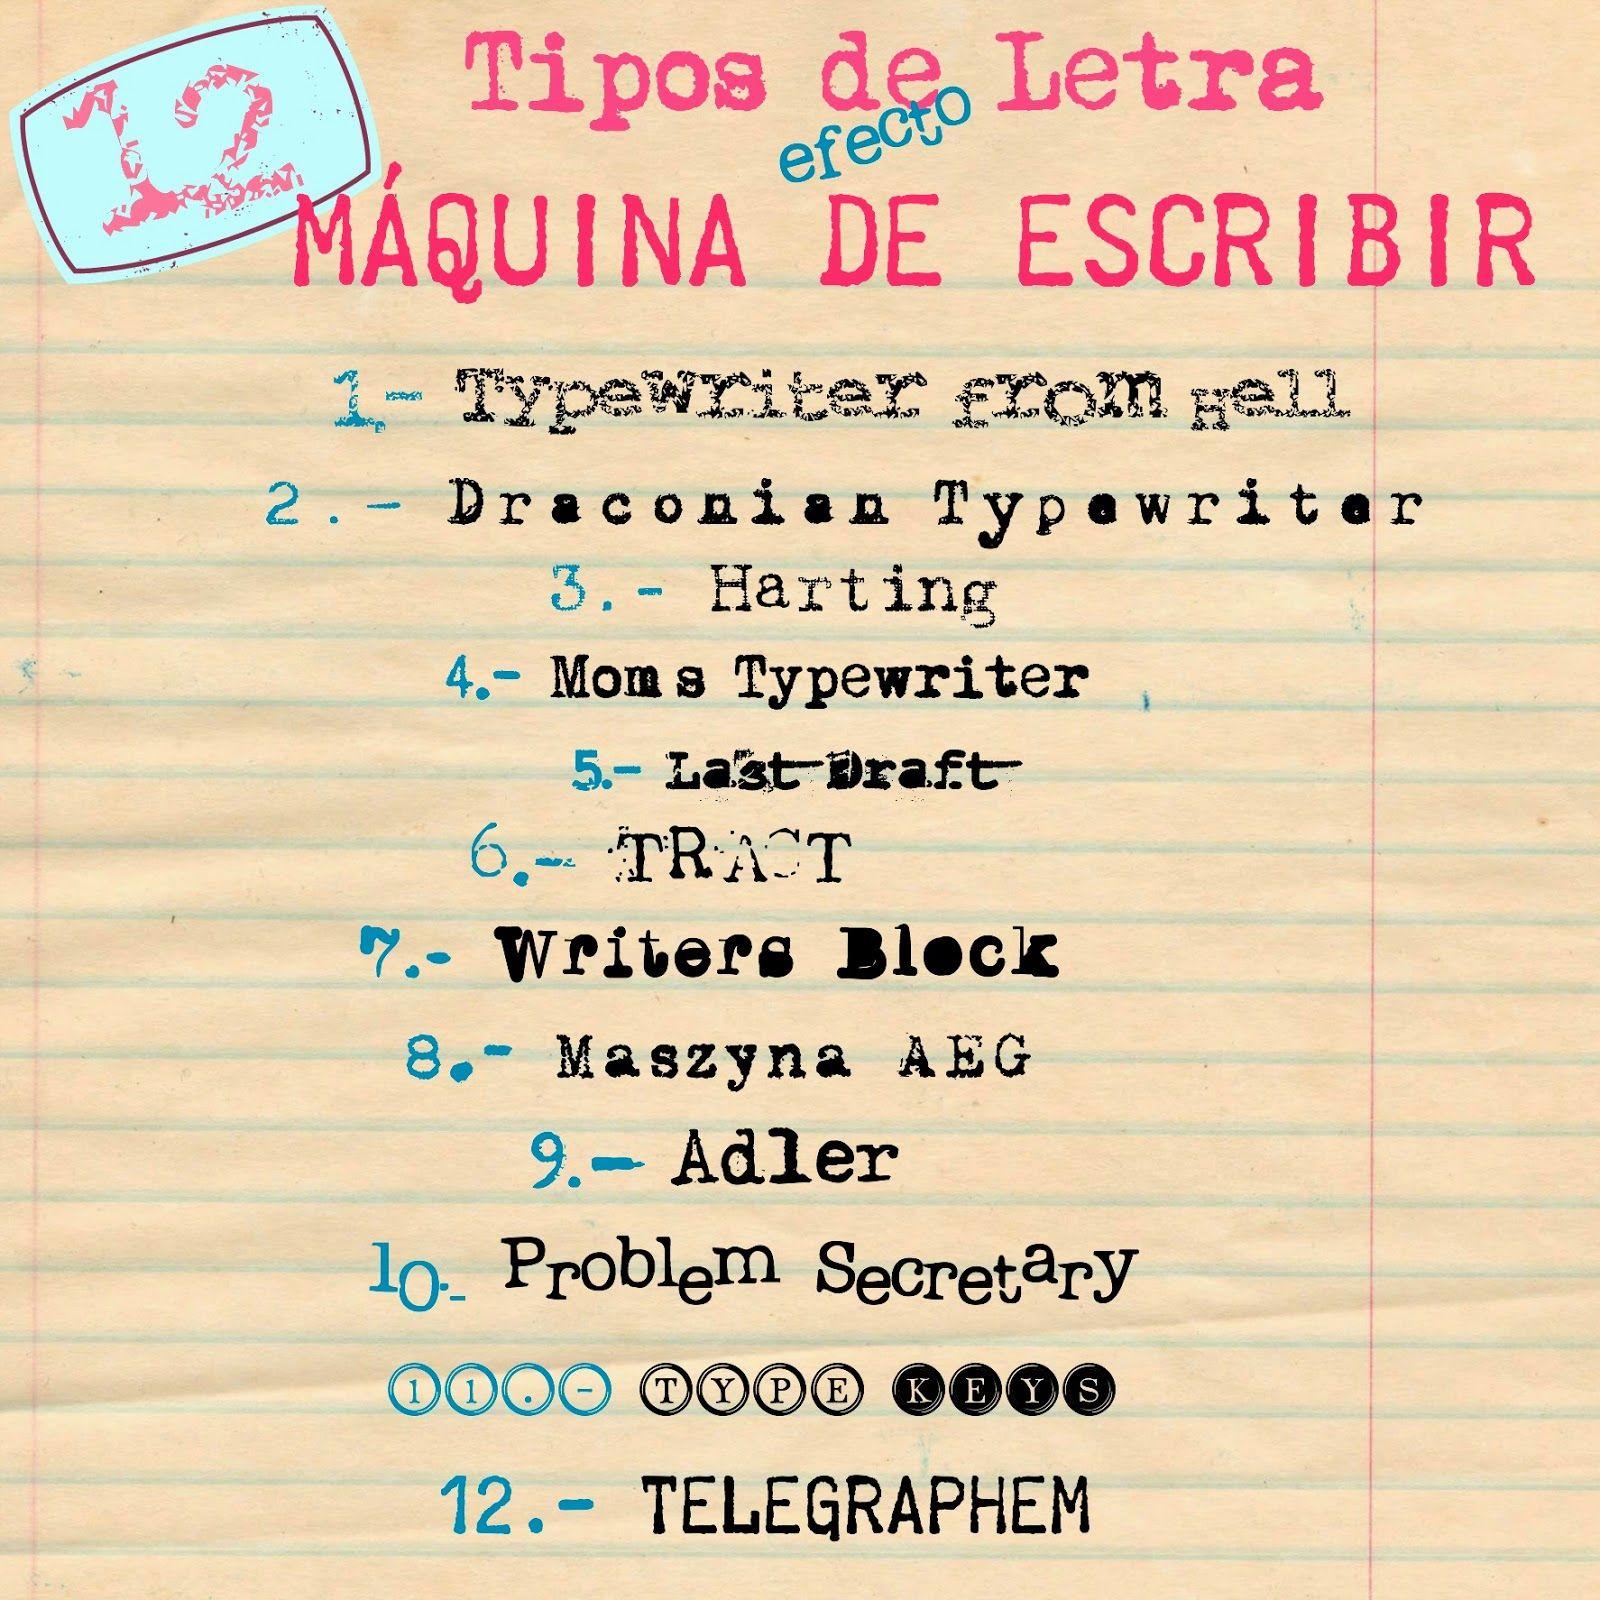 TIPOS DE LETRA (TIPOGRAFÍA) EFECTO MÁQUINA DE ESCRIBIR | Letras ...